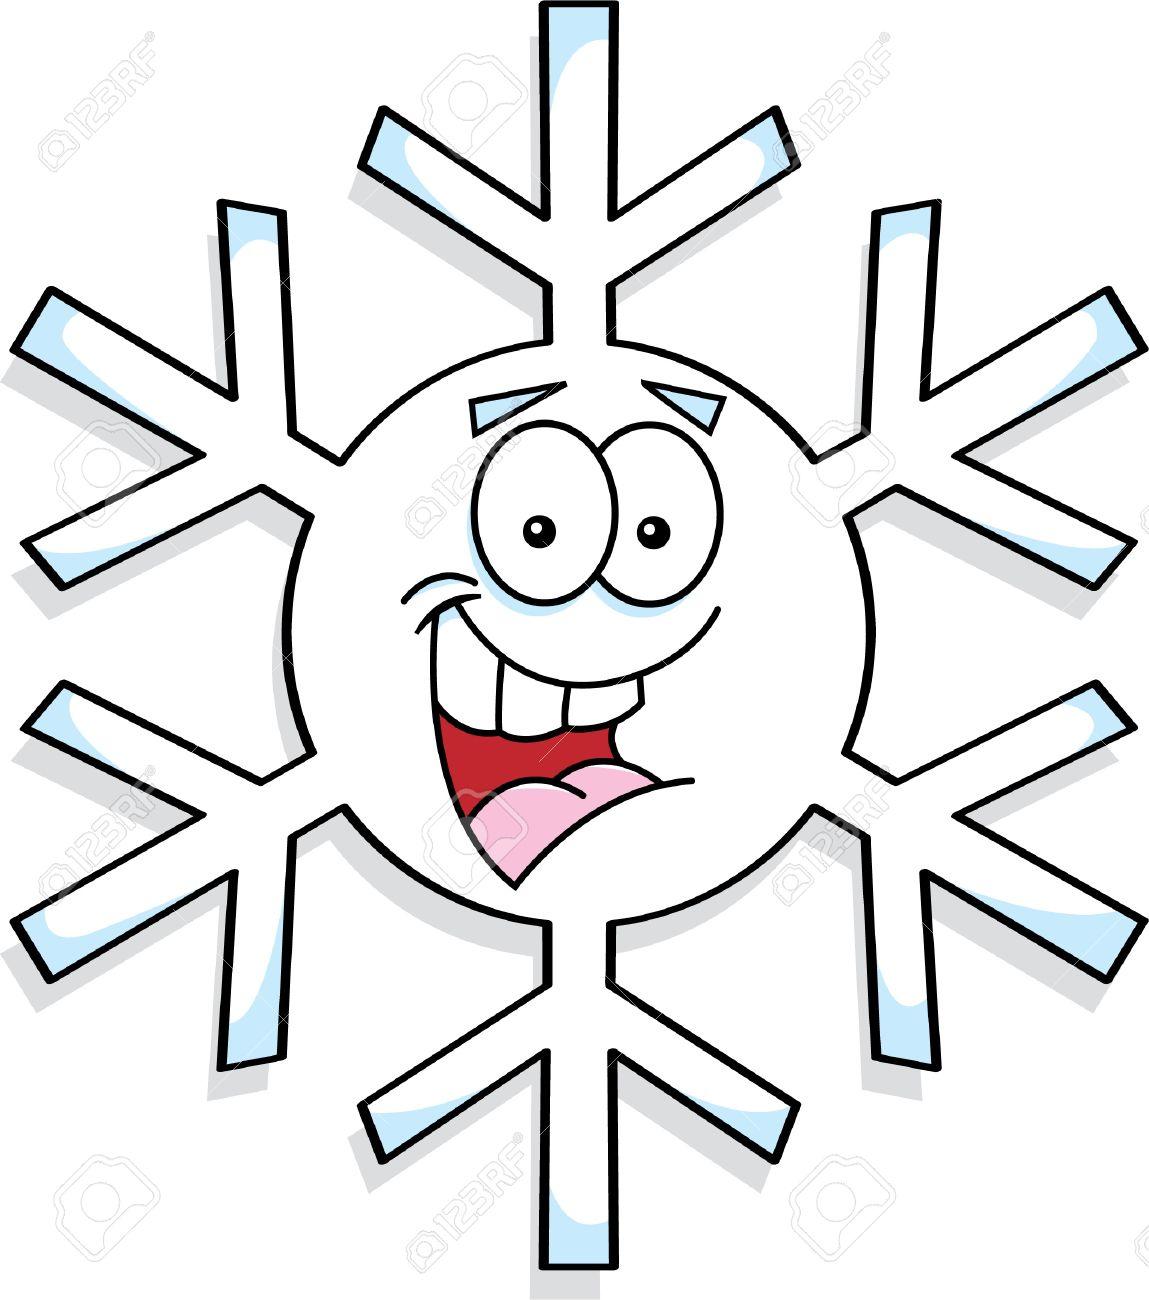 1149x1300 Snowflake clipart smile